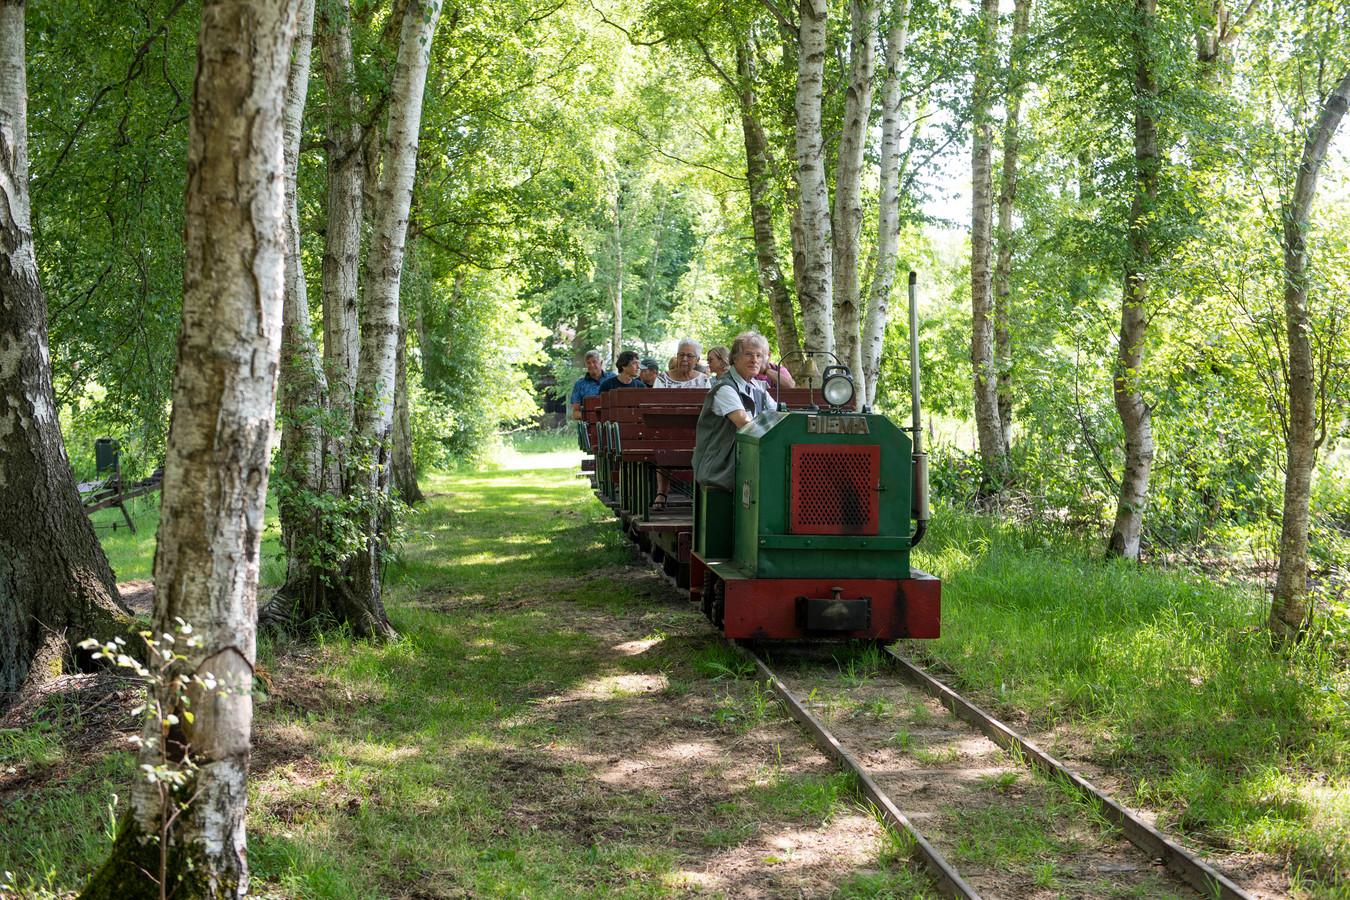 Het leemspoortreintje vervoerde zondag veel bezoekers over het terrein van het Veenmuseum.